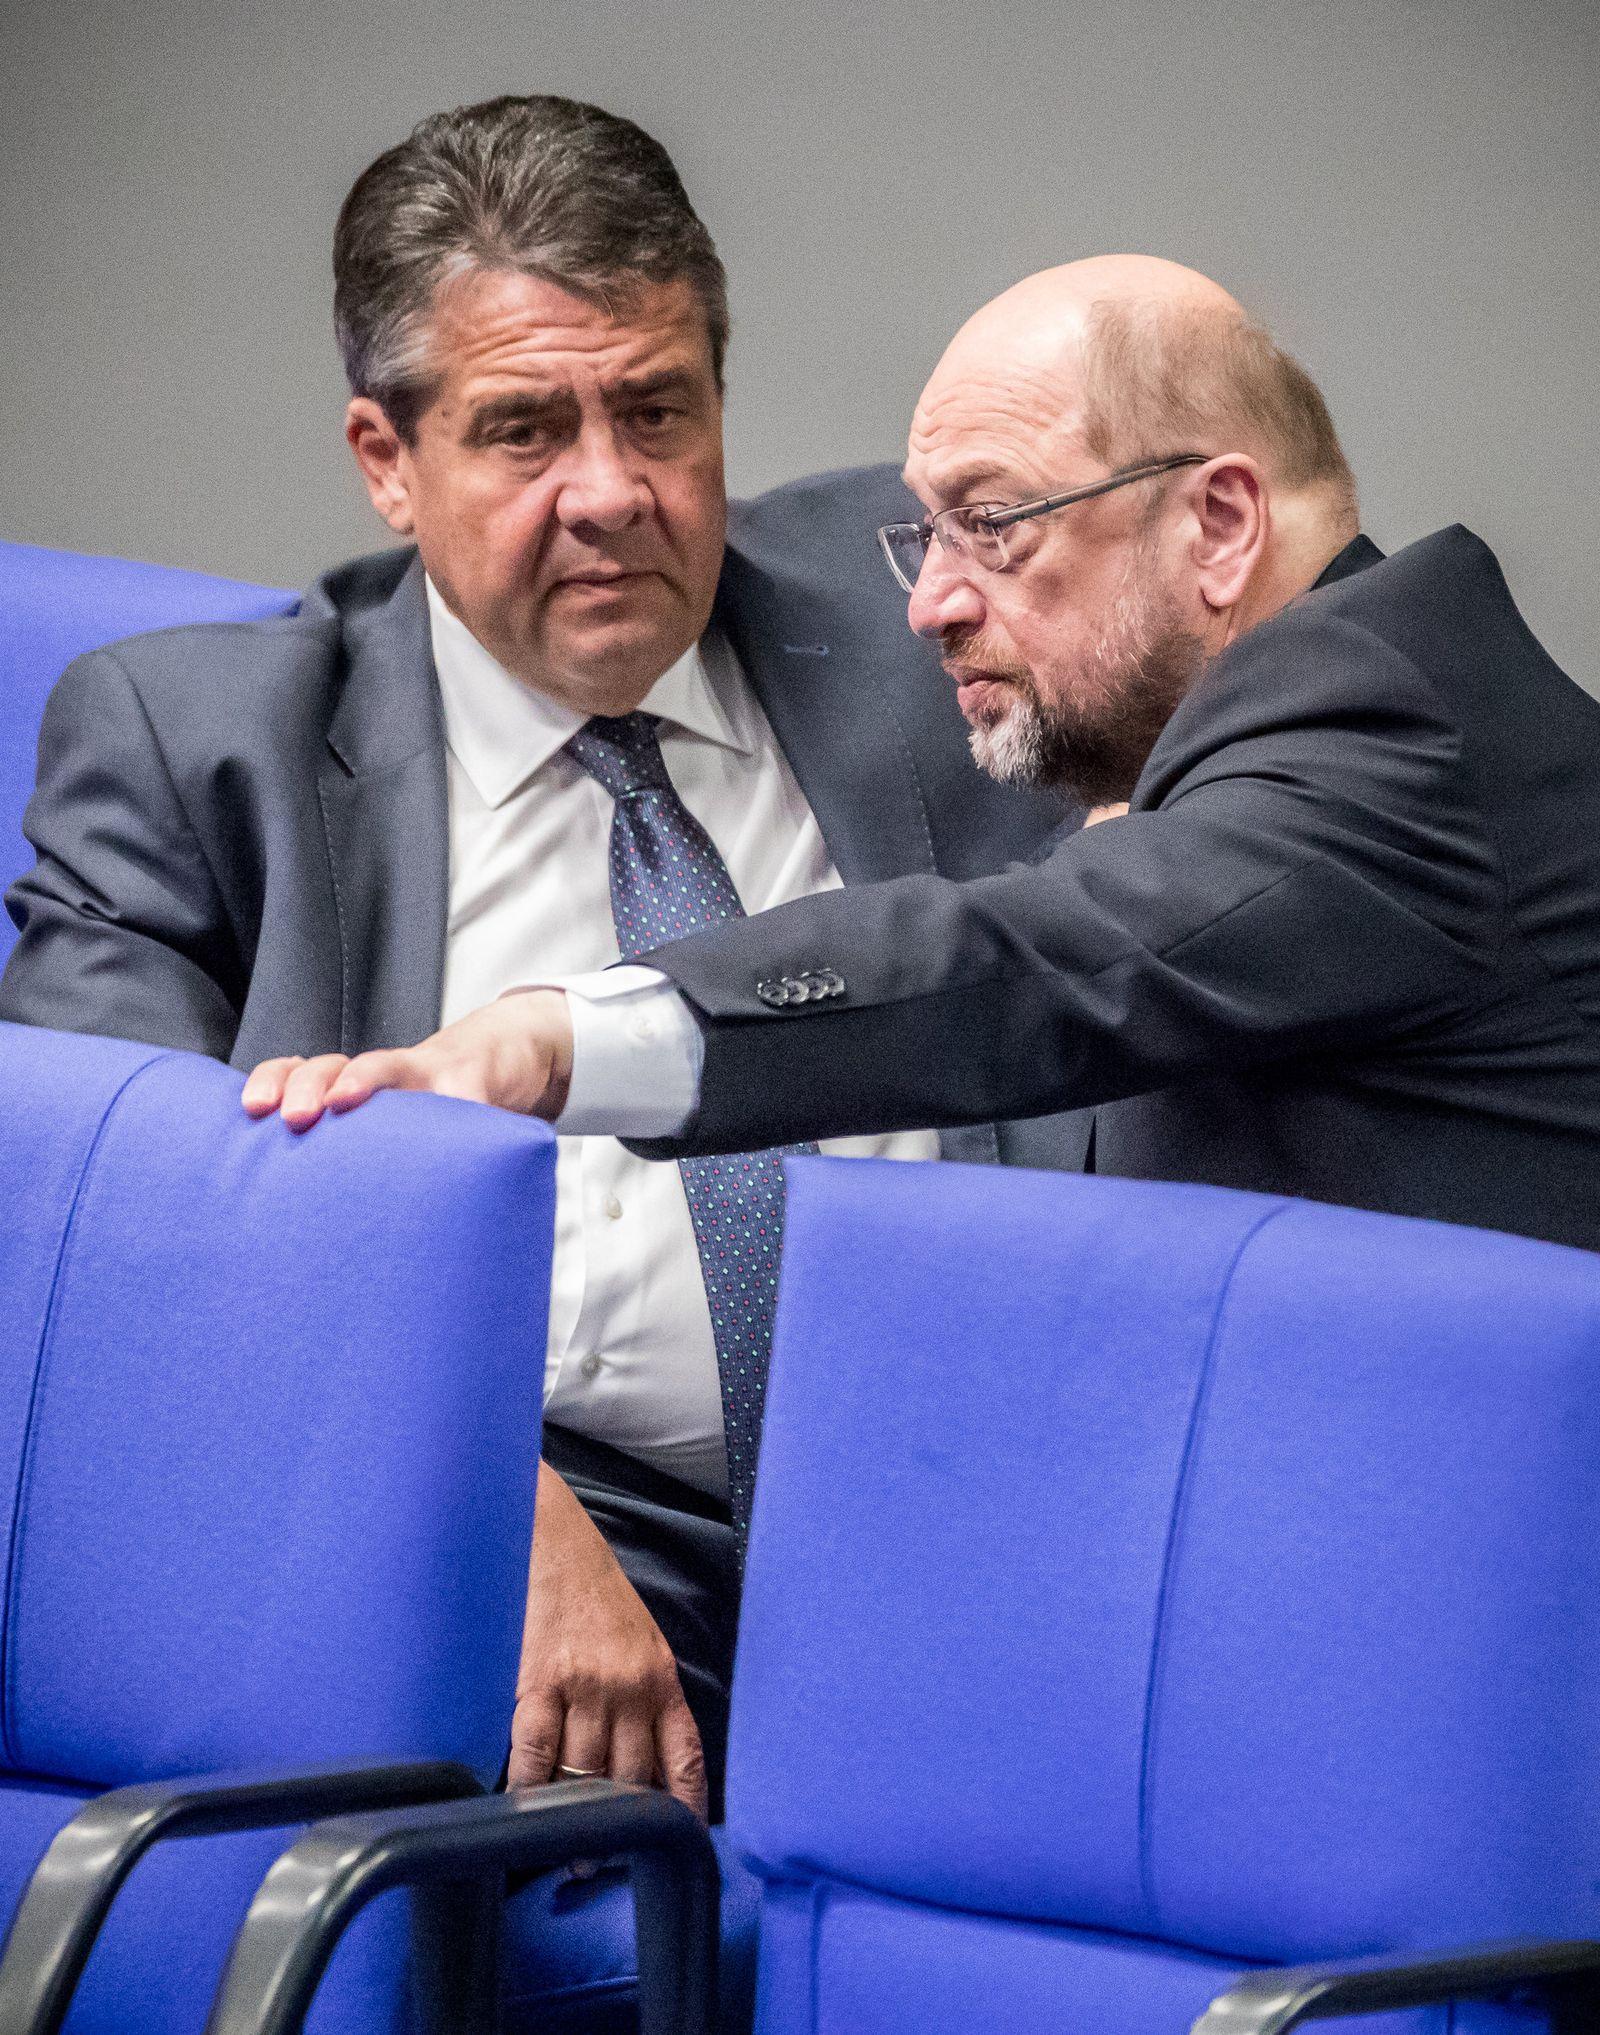 Gabriel / Schulz